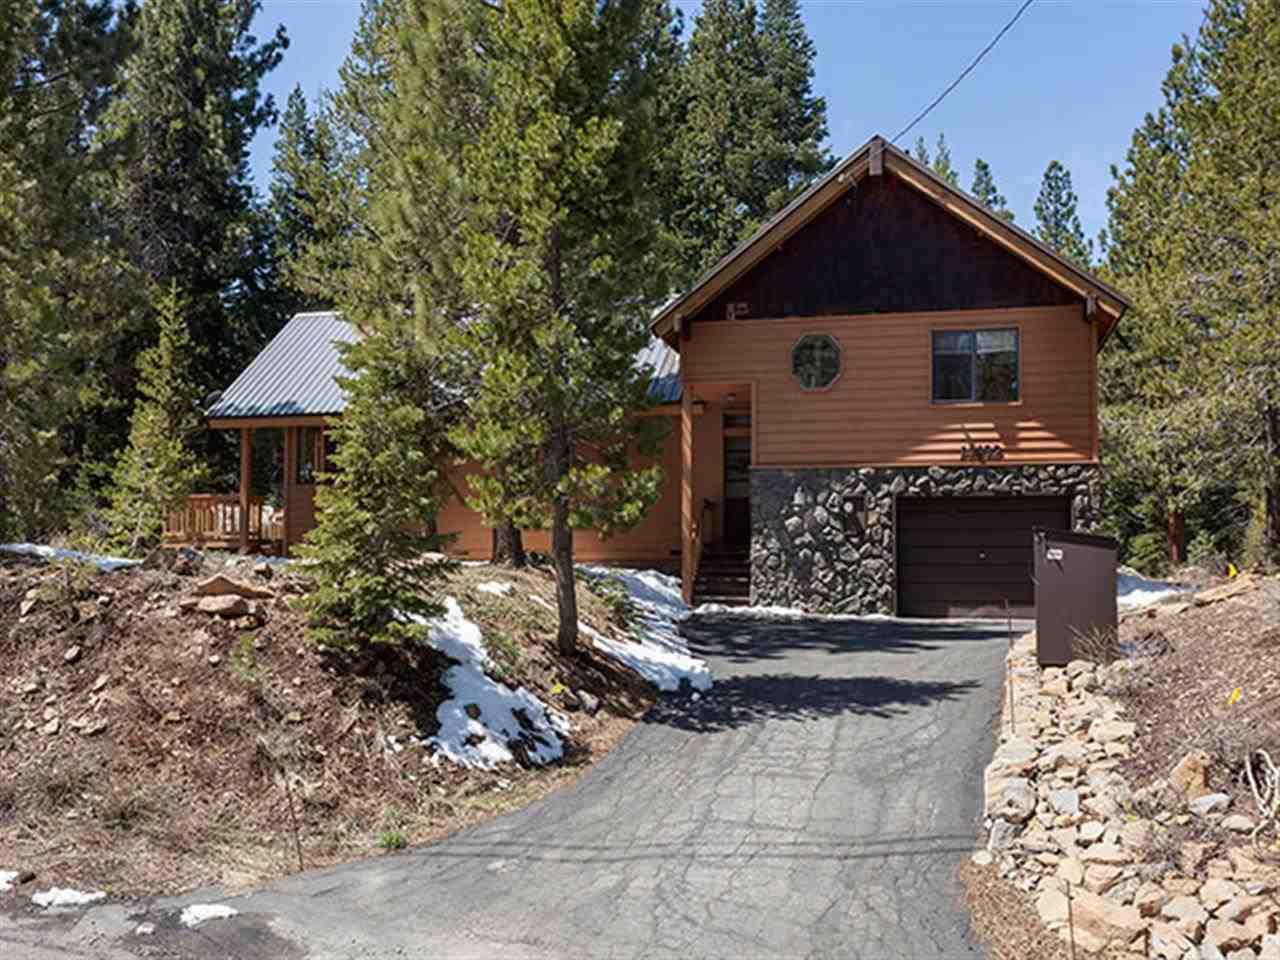 独户住宅 为 销售 在 14492 Tyrol Road 14492 Tyrol Road 特拉基, 加利福尼亚州 96161 美国